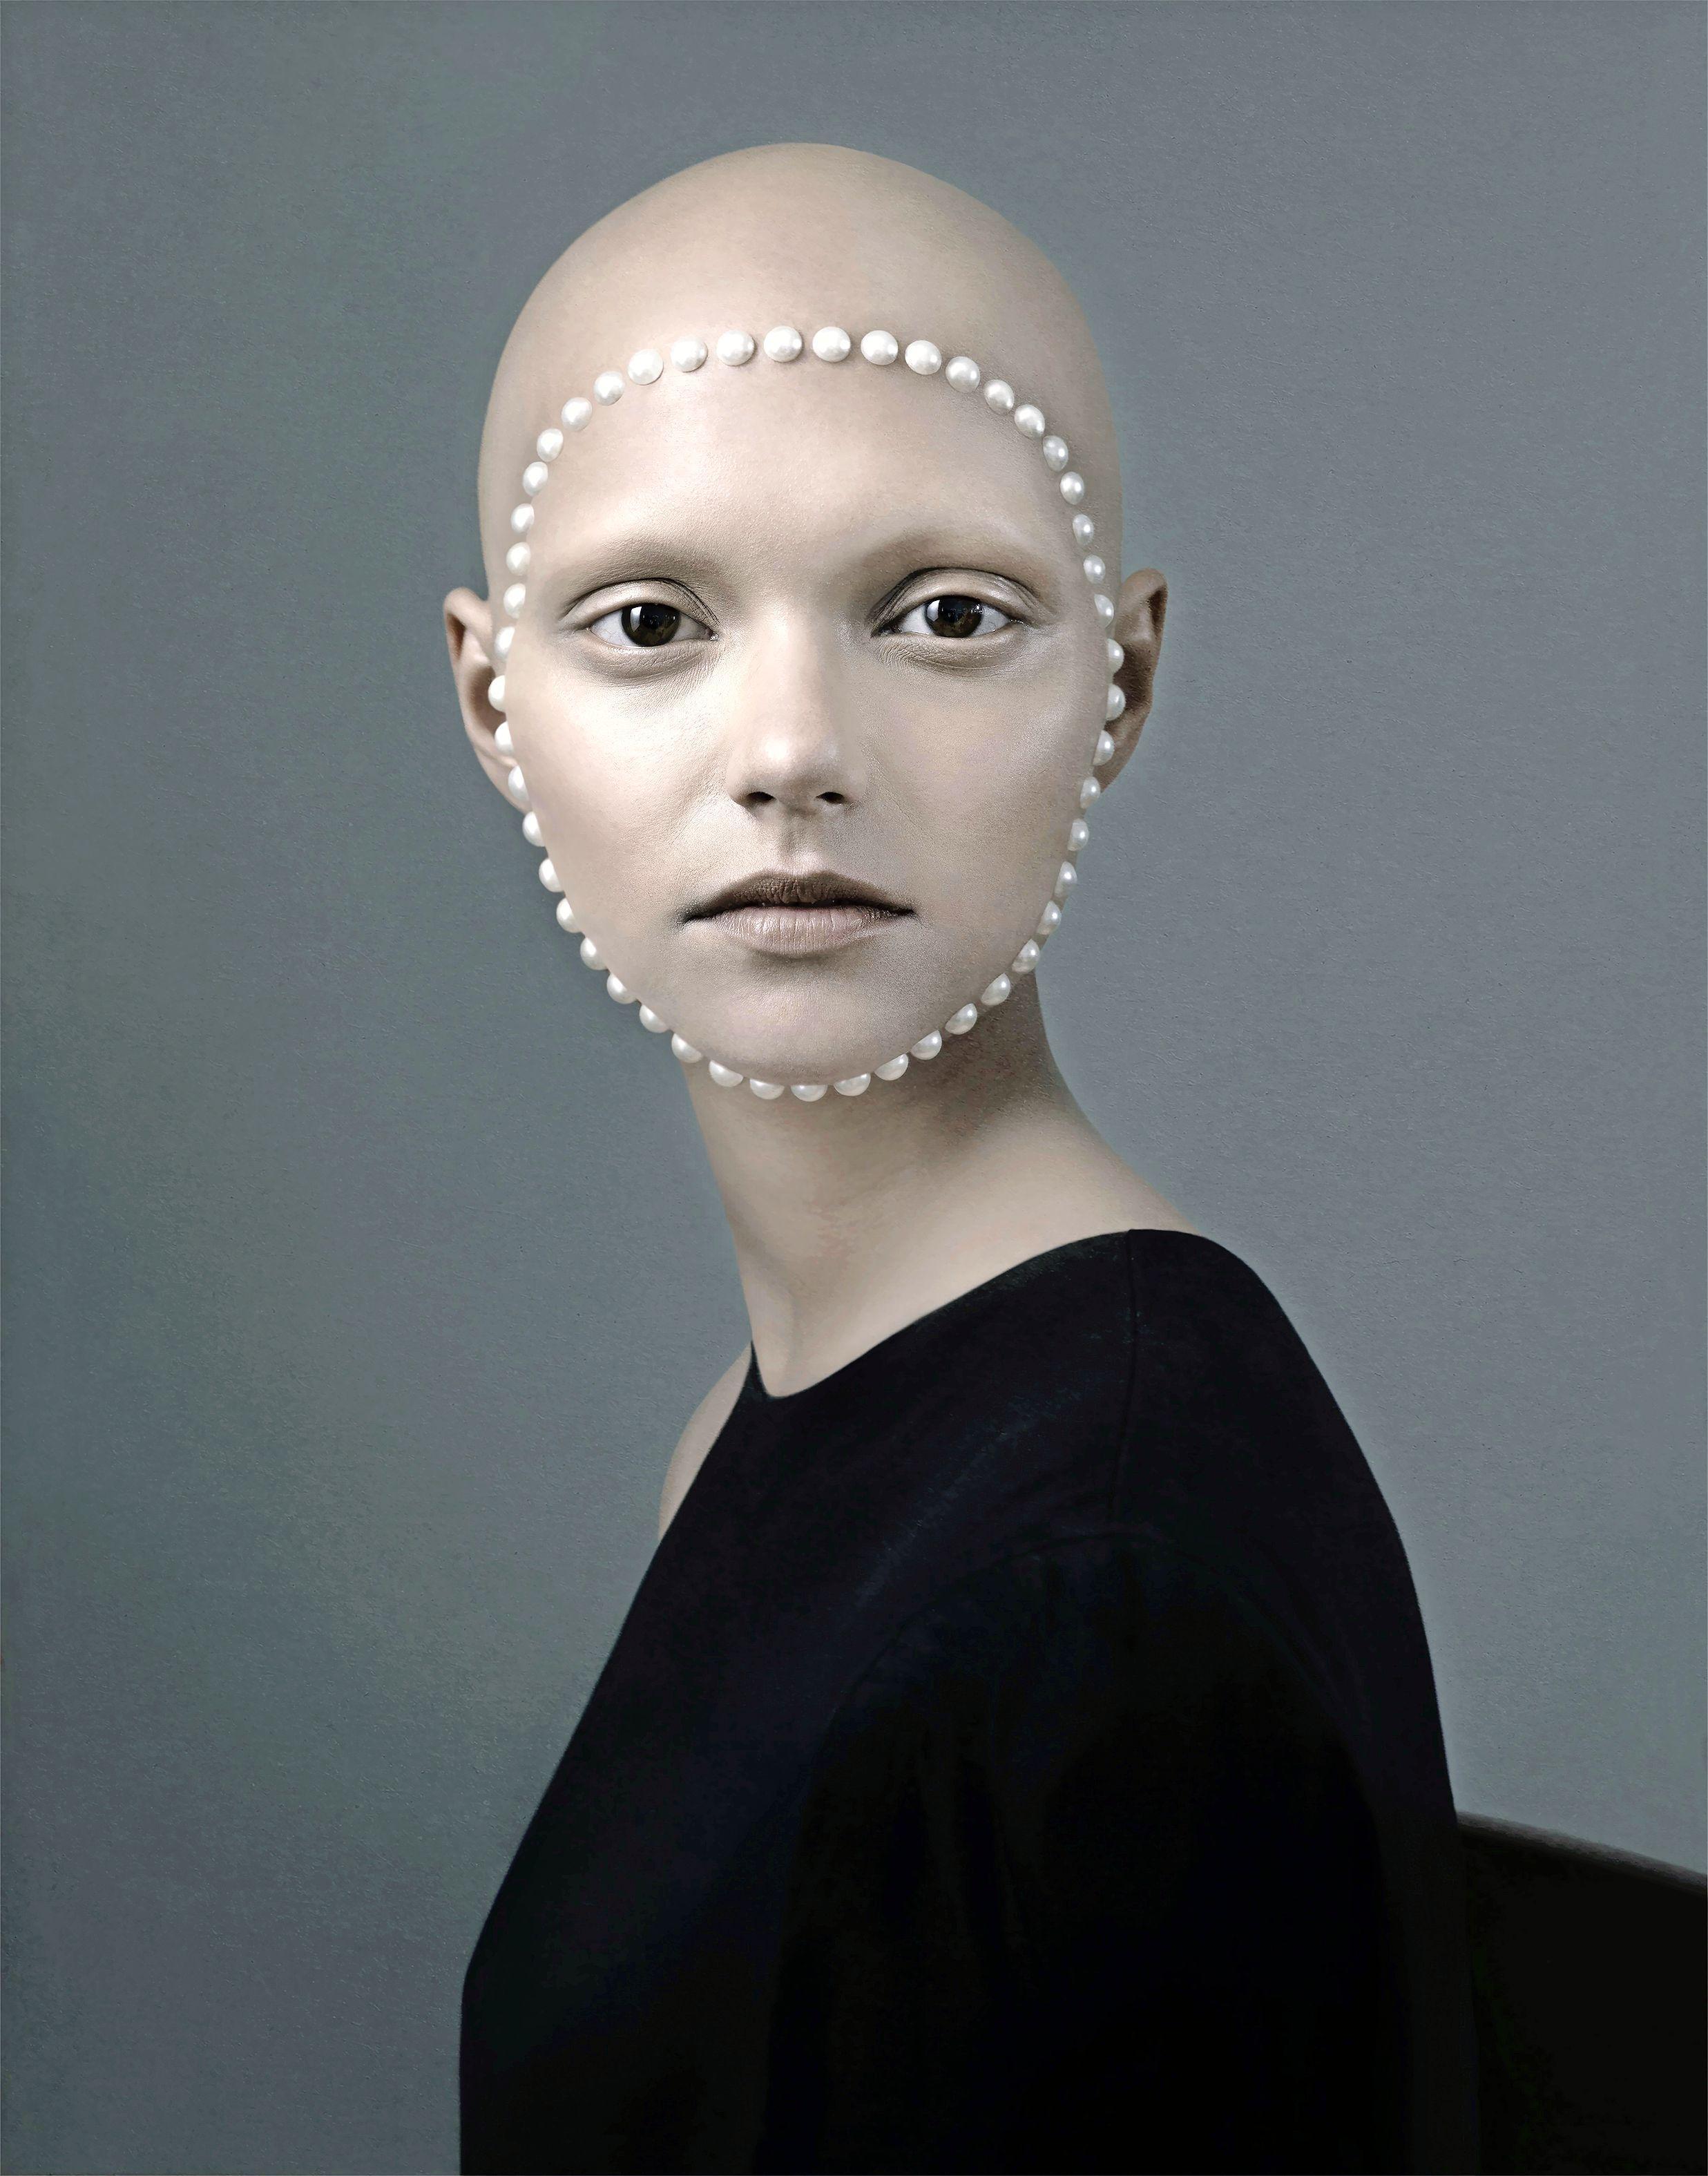 Justine Tjallinks laat het andere gezicht zien